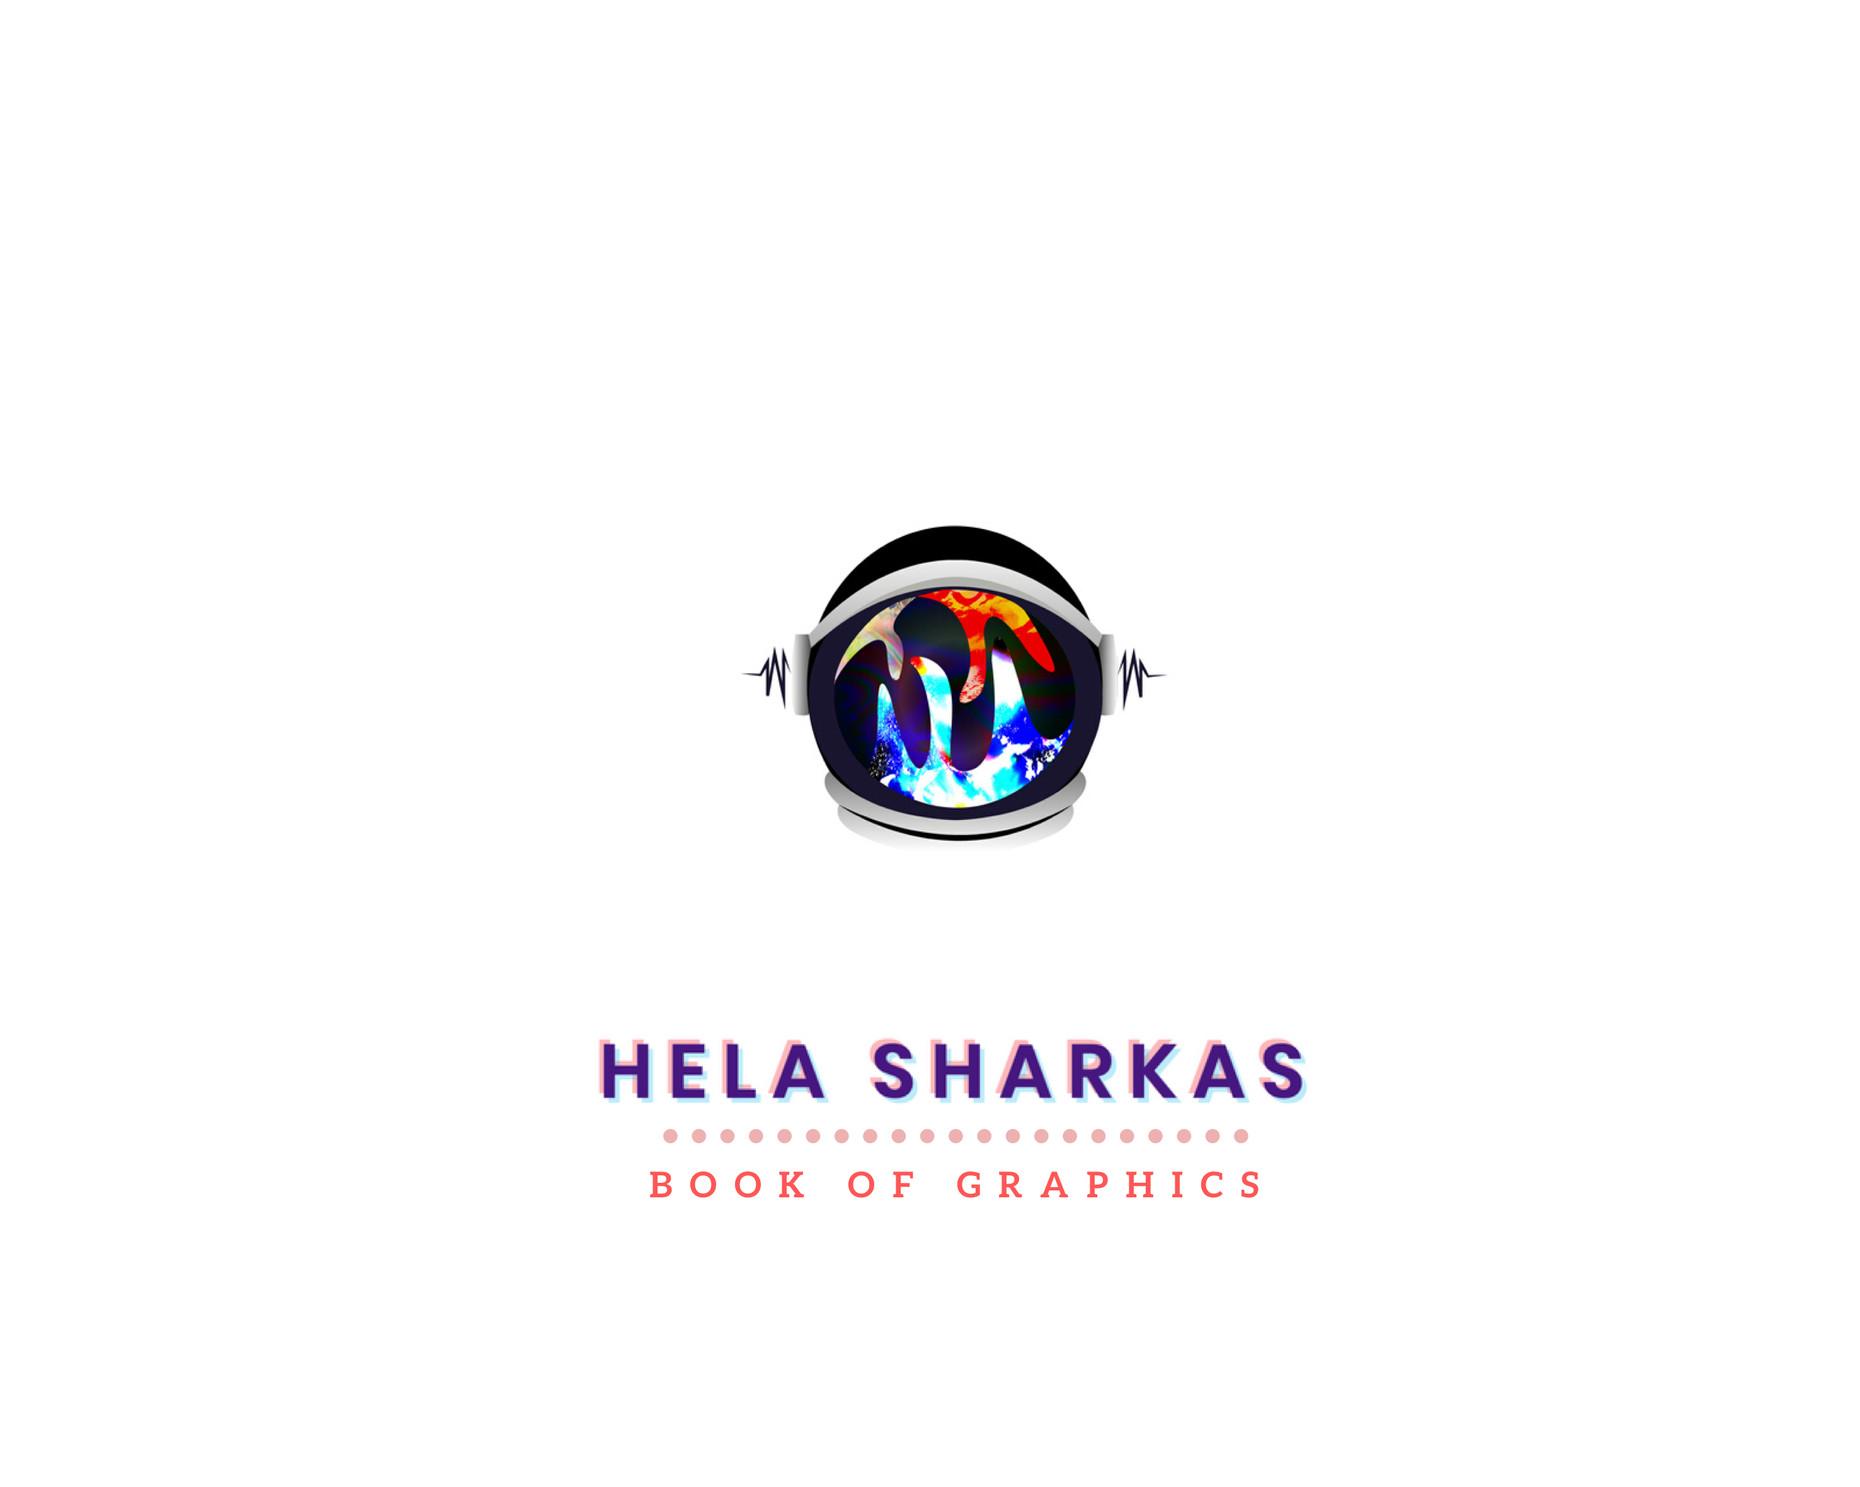 Hela Sharkas - Graphic Design portfolio.